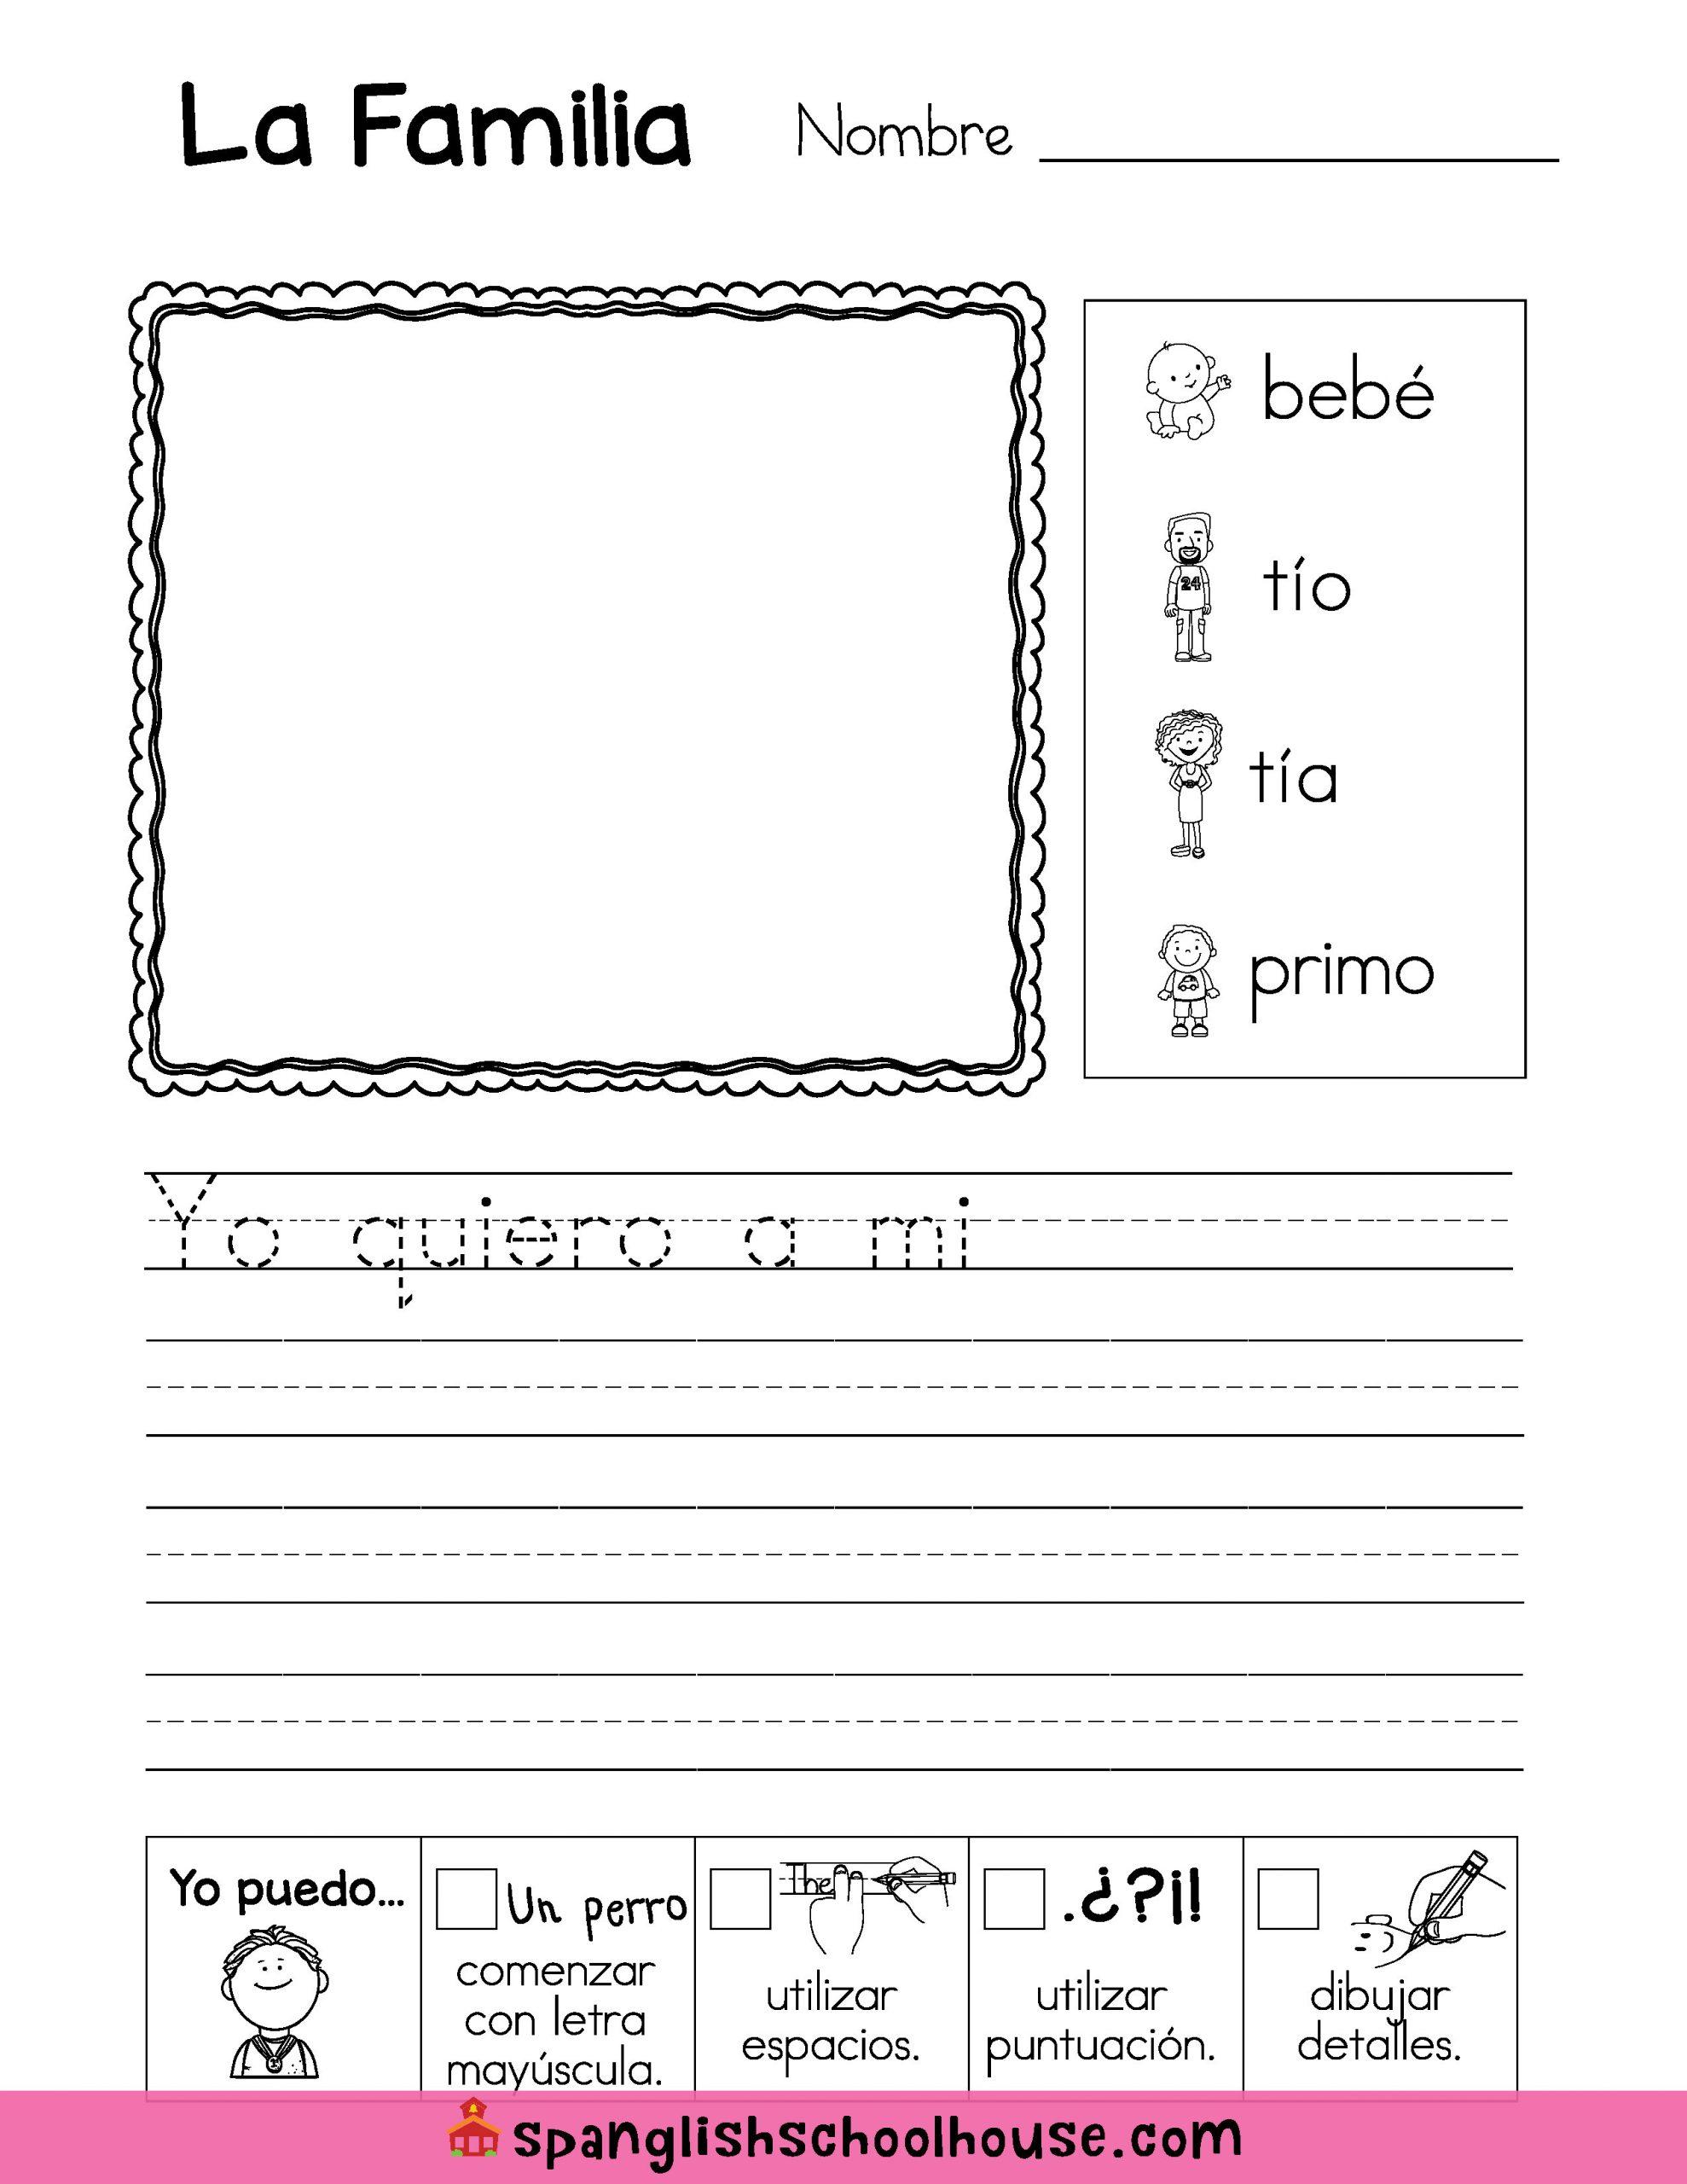 La Familia Worksheet In Spanish La Familia Family Vocabulary In Spanish